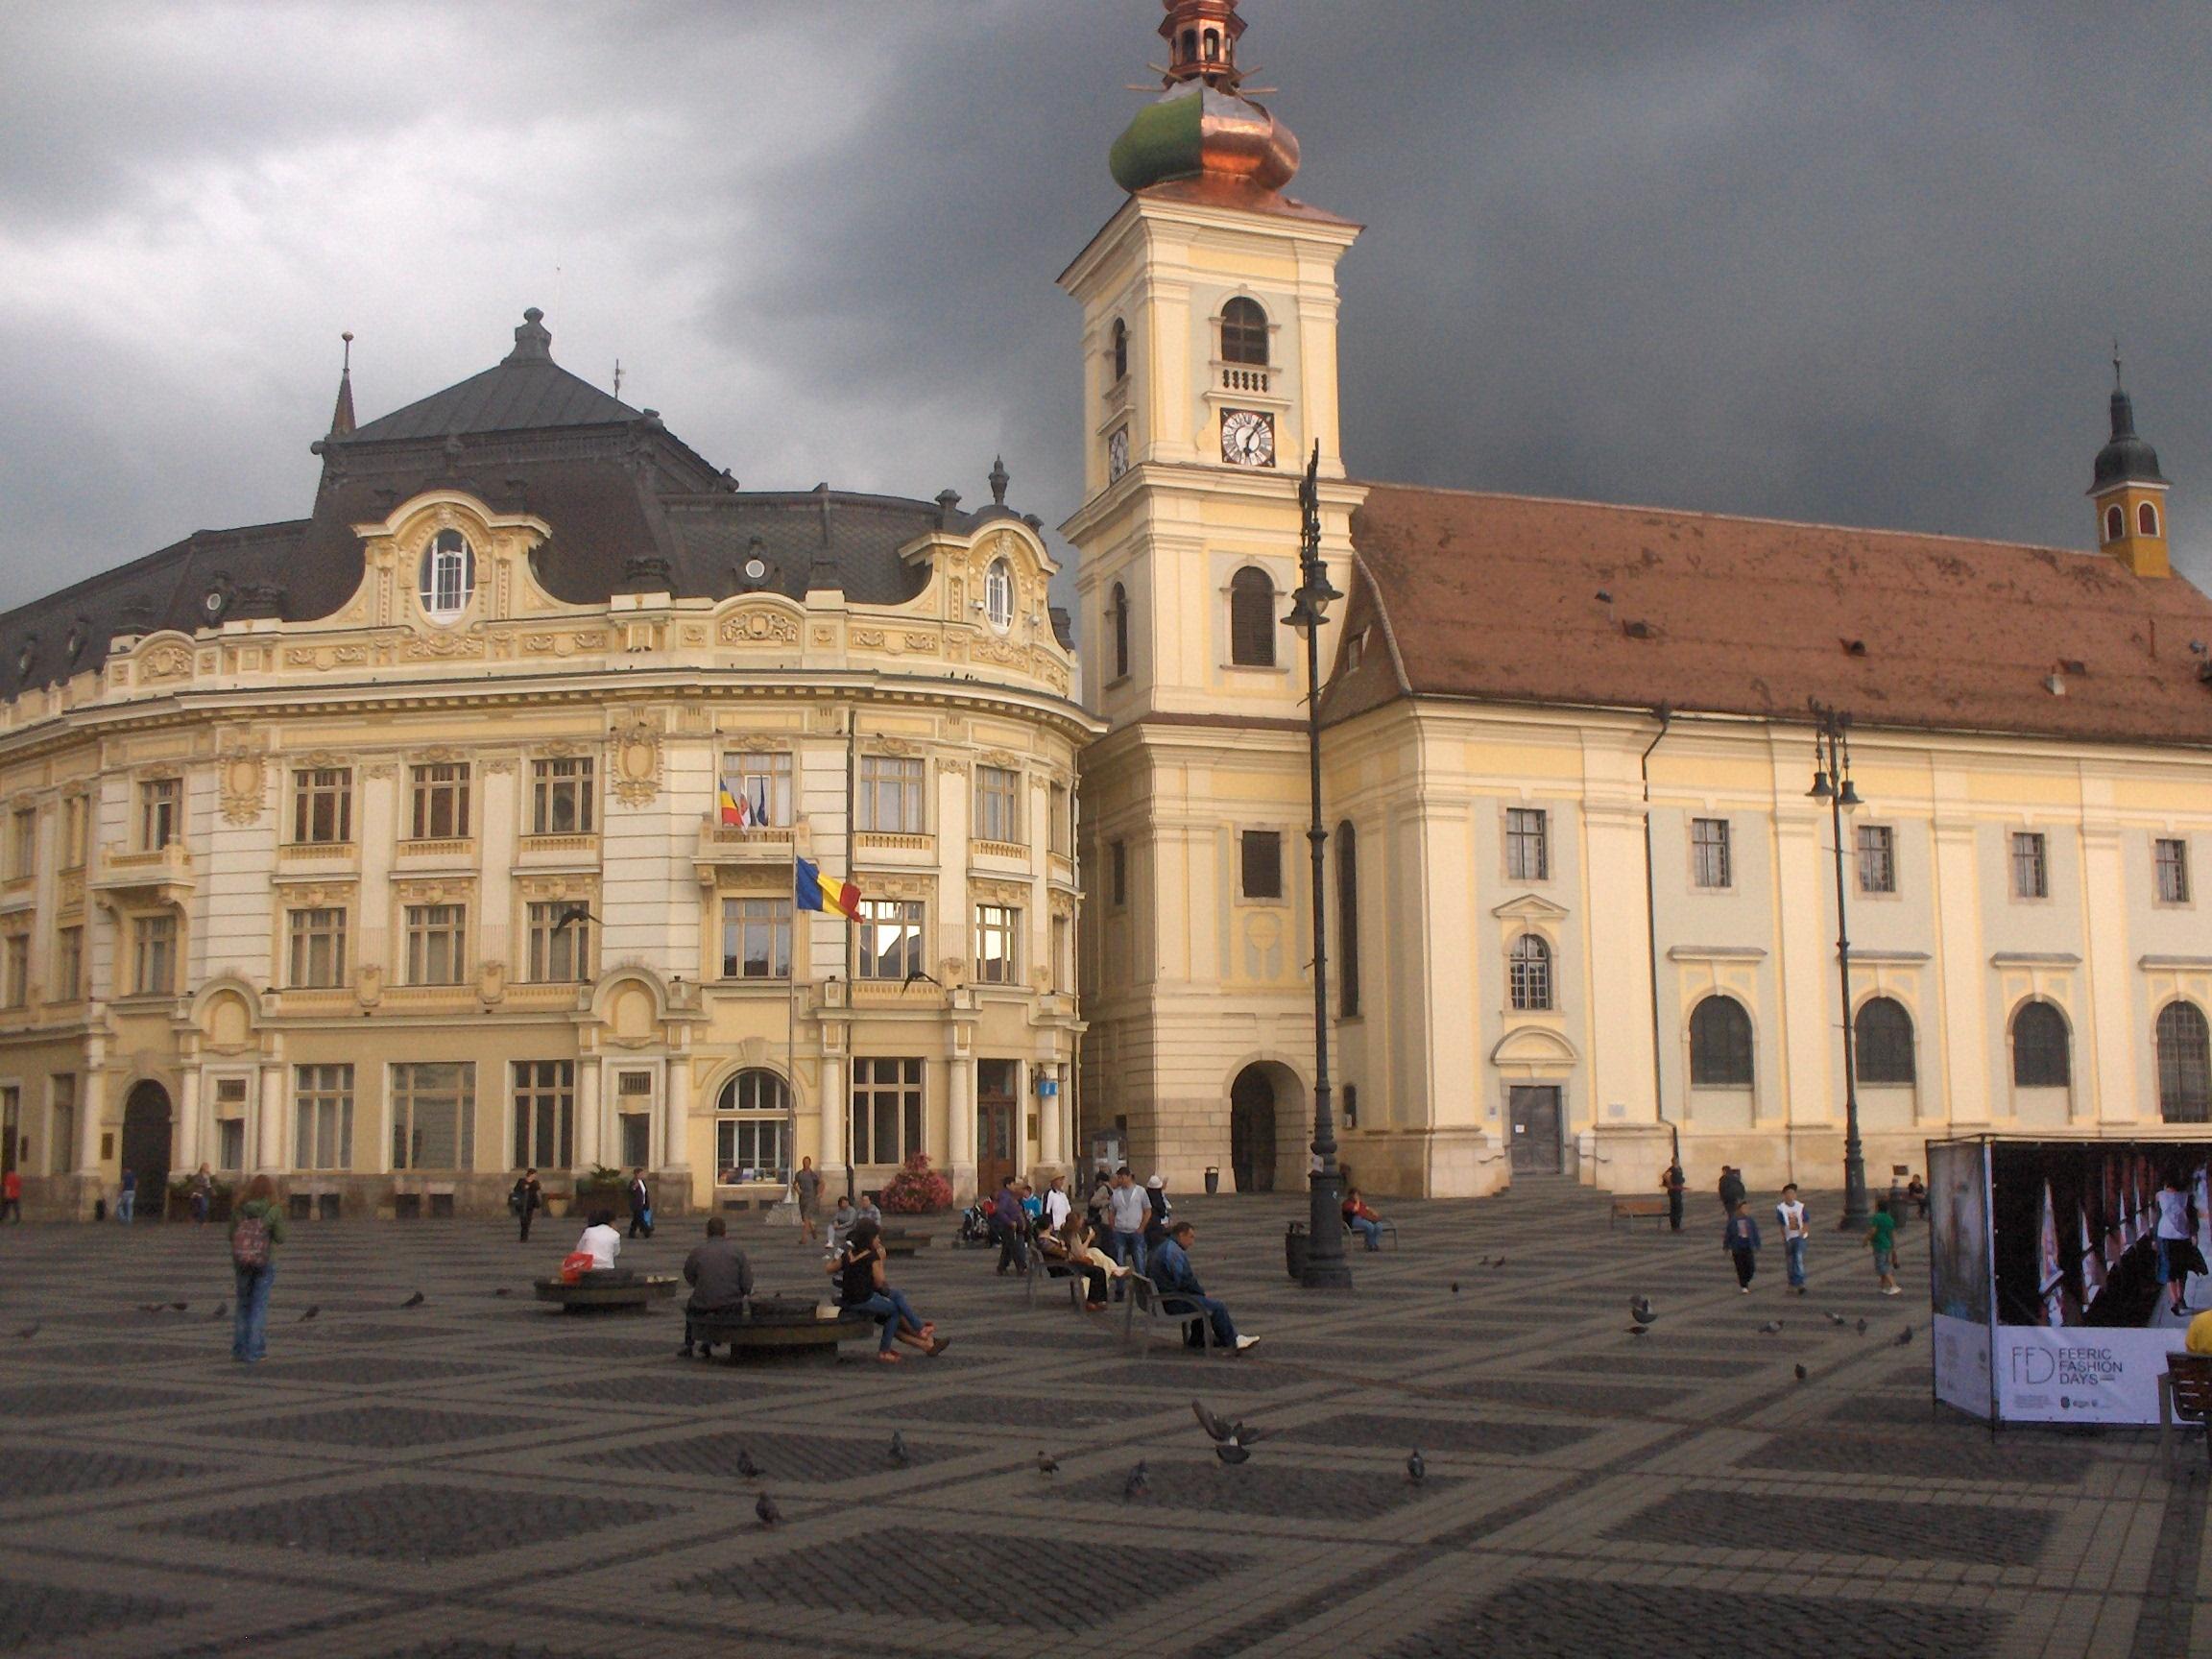 Sibiu Central Square